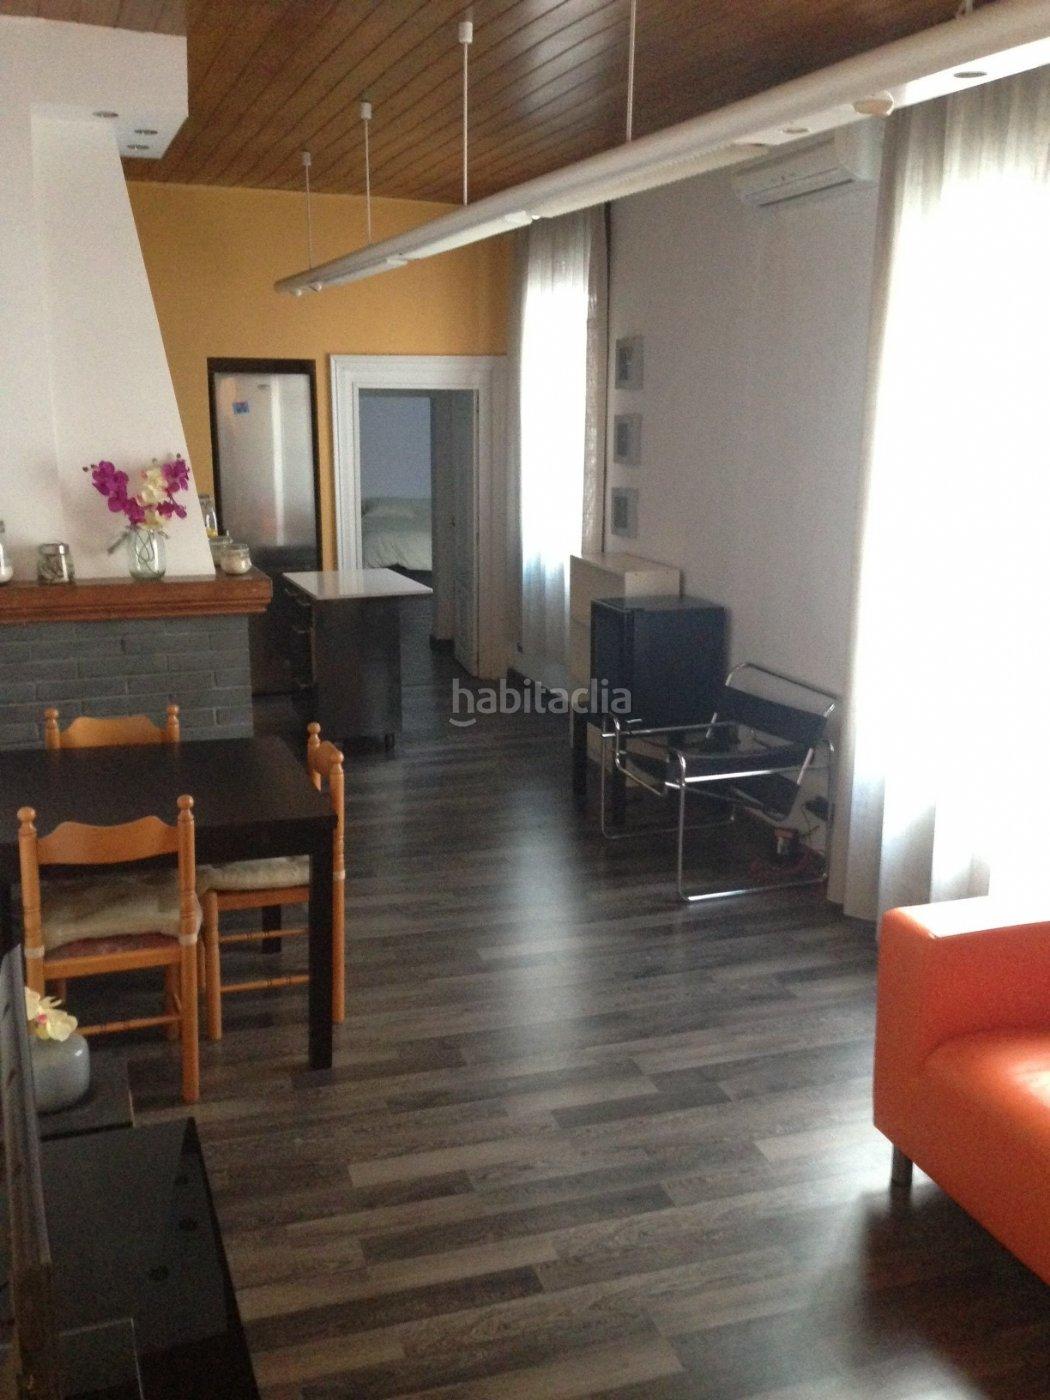 Alquiler piso por 975 en carrer santa anna en pleno centro apt amueblado en plaza catalu a en - Alquiler pisos barcelona particulares amueblado ...